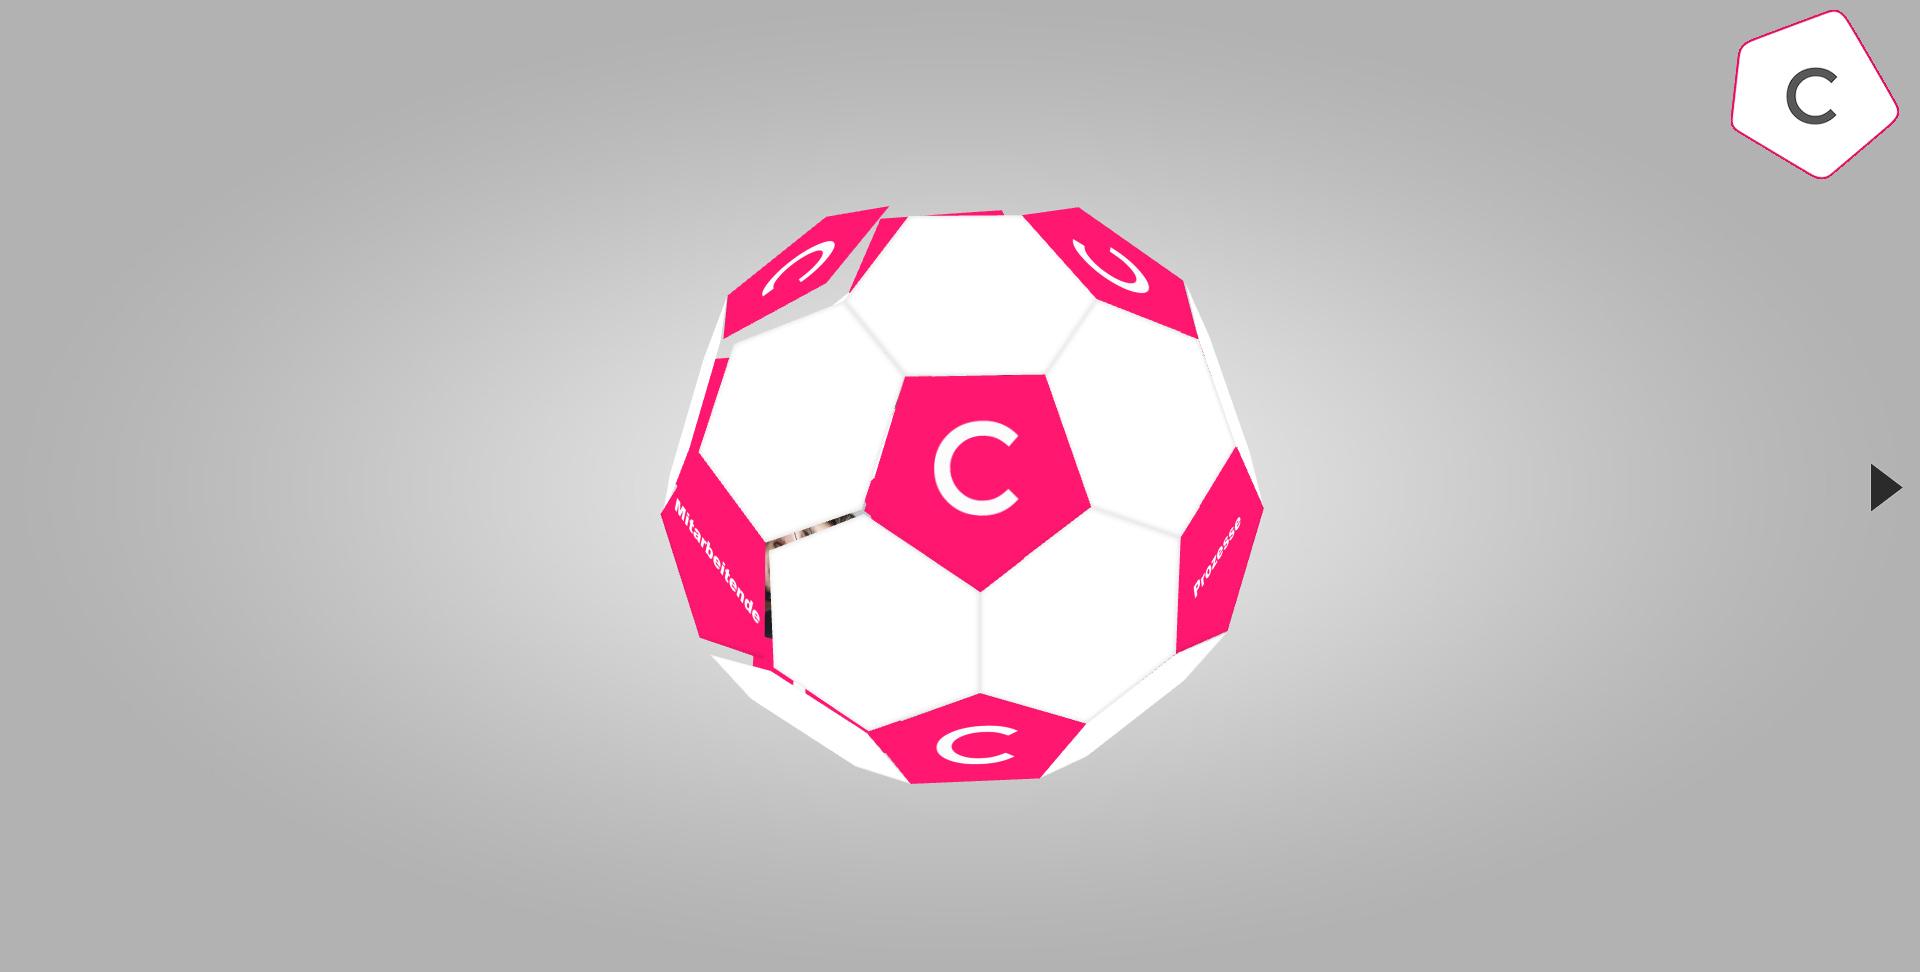 Celonic AG 3D